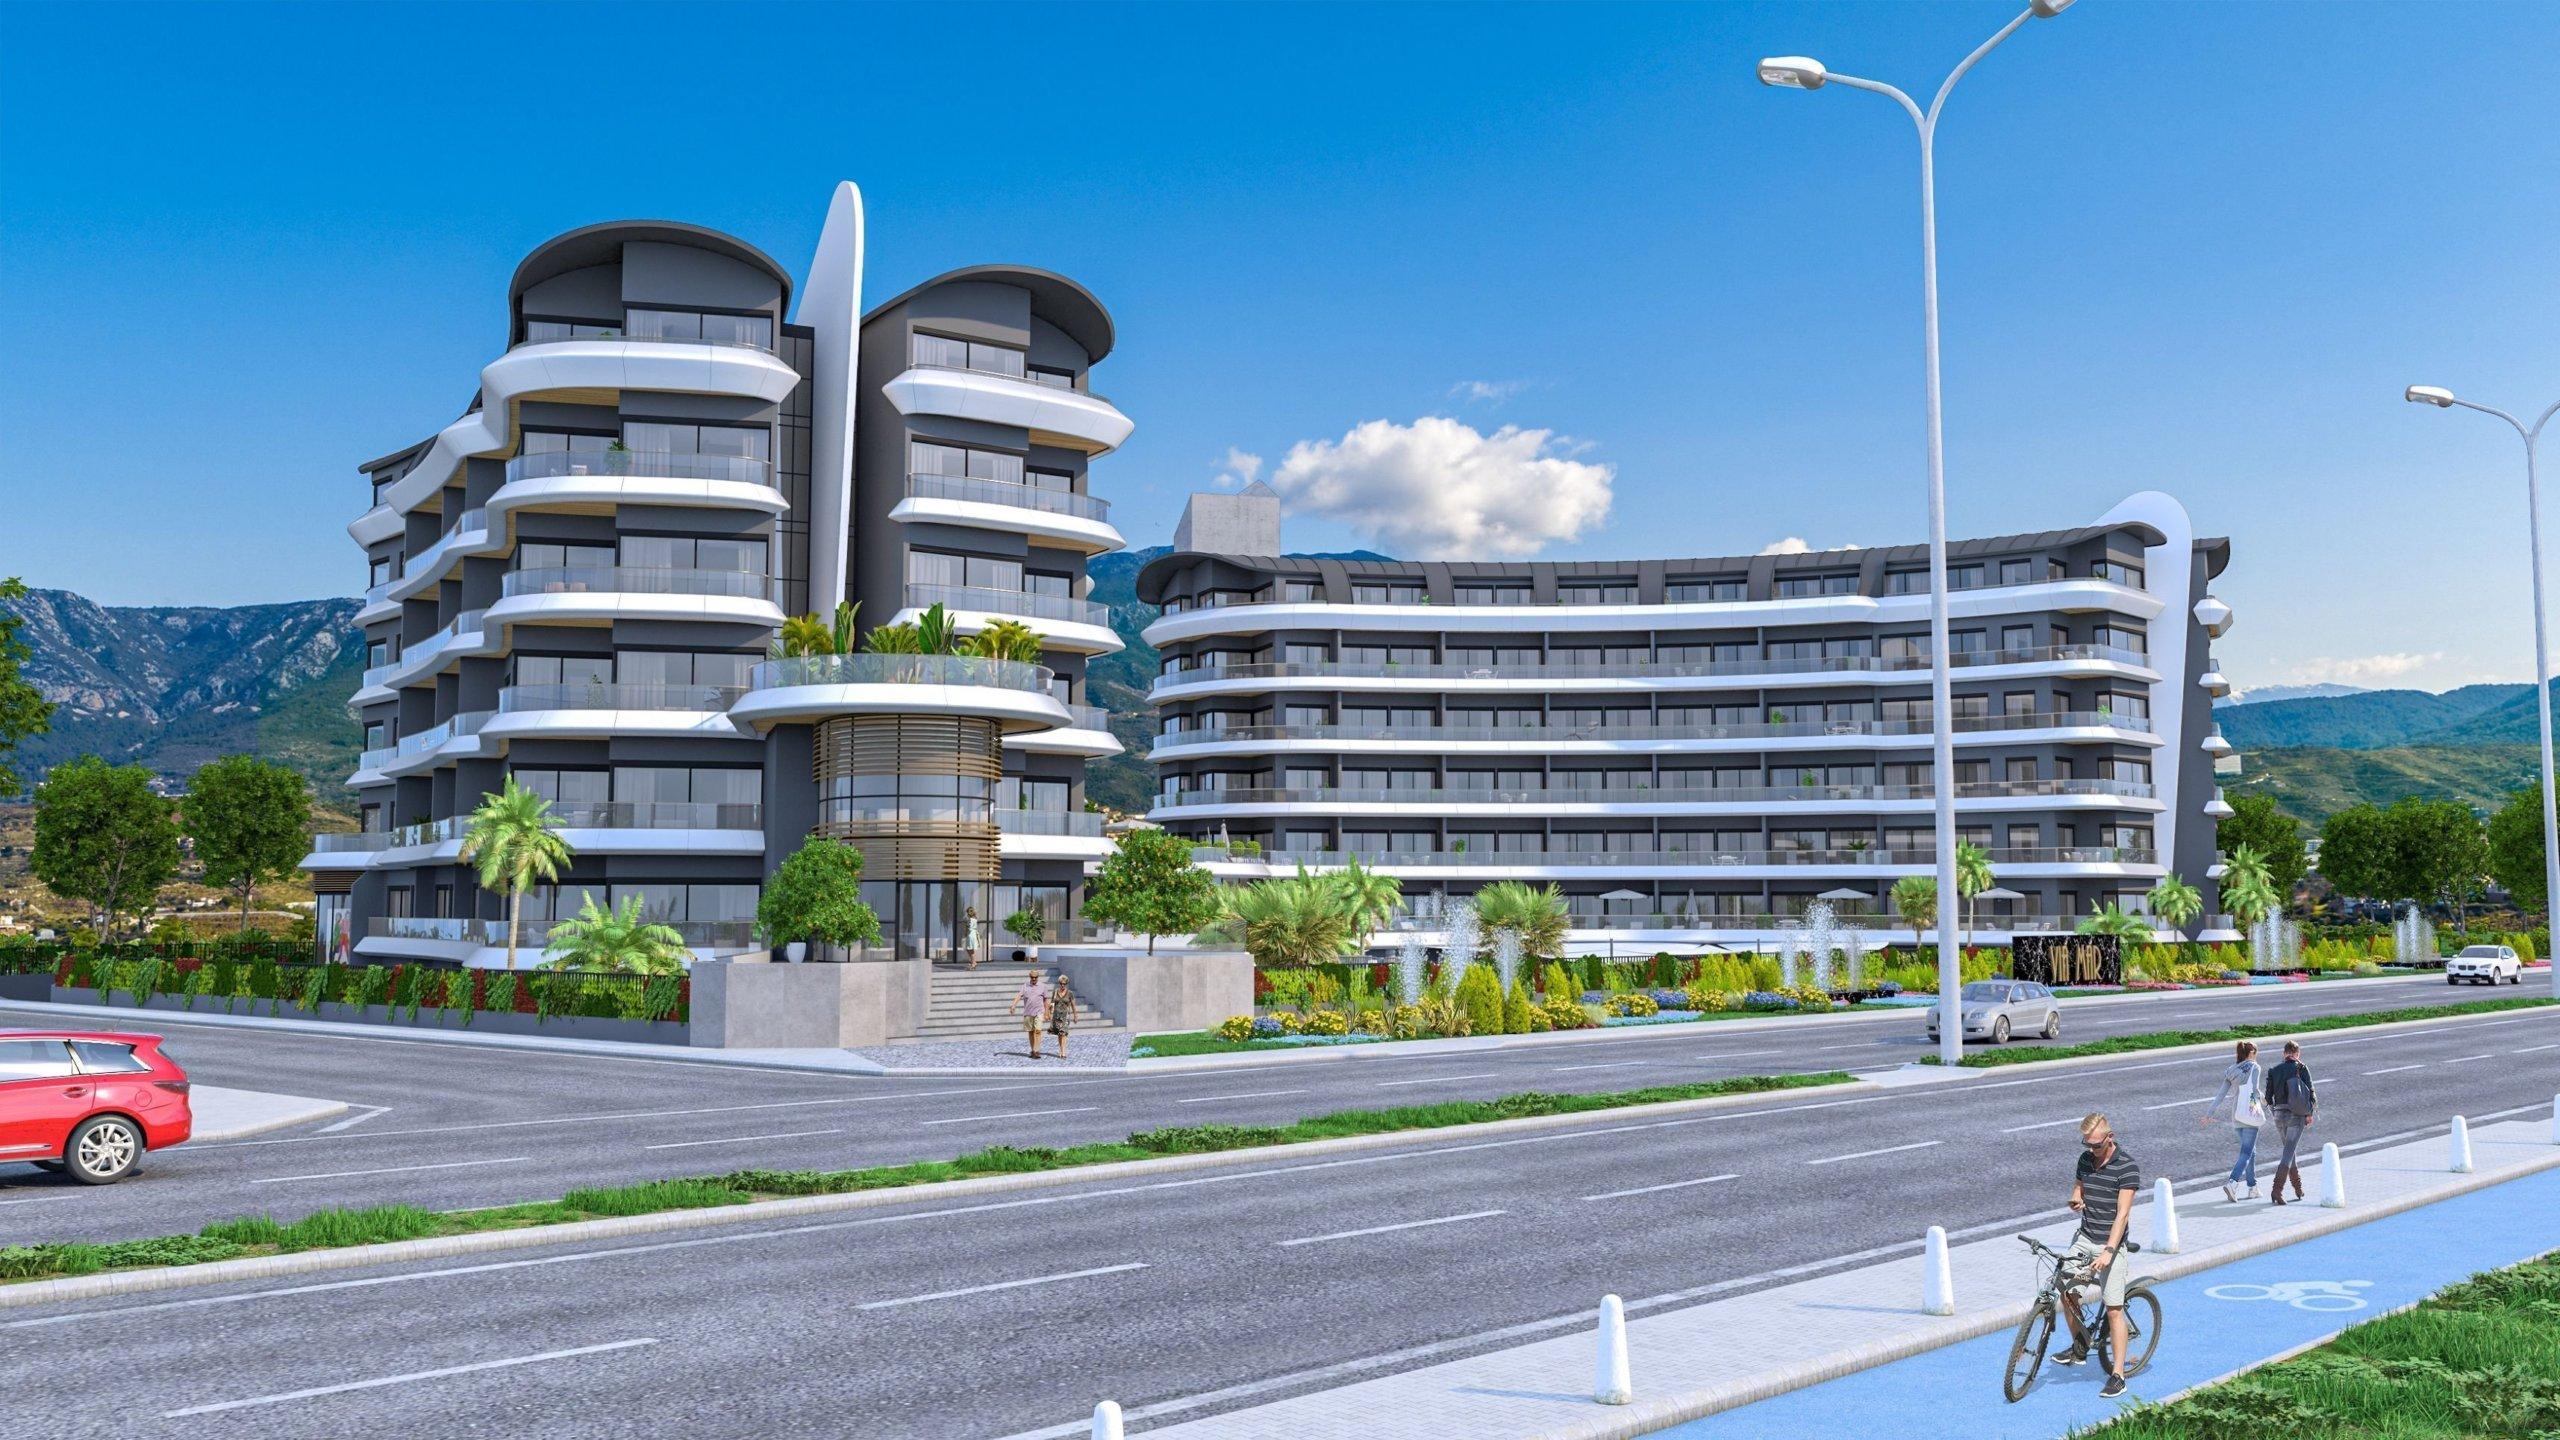 1+1 Квартиры в шикарном жилом комплексе на первой линии моря в Каргыджак